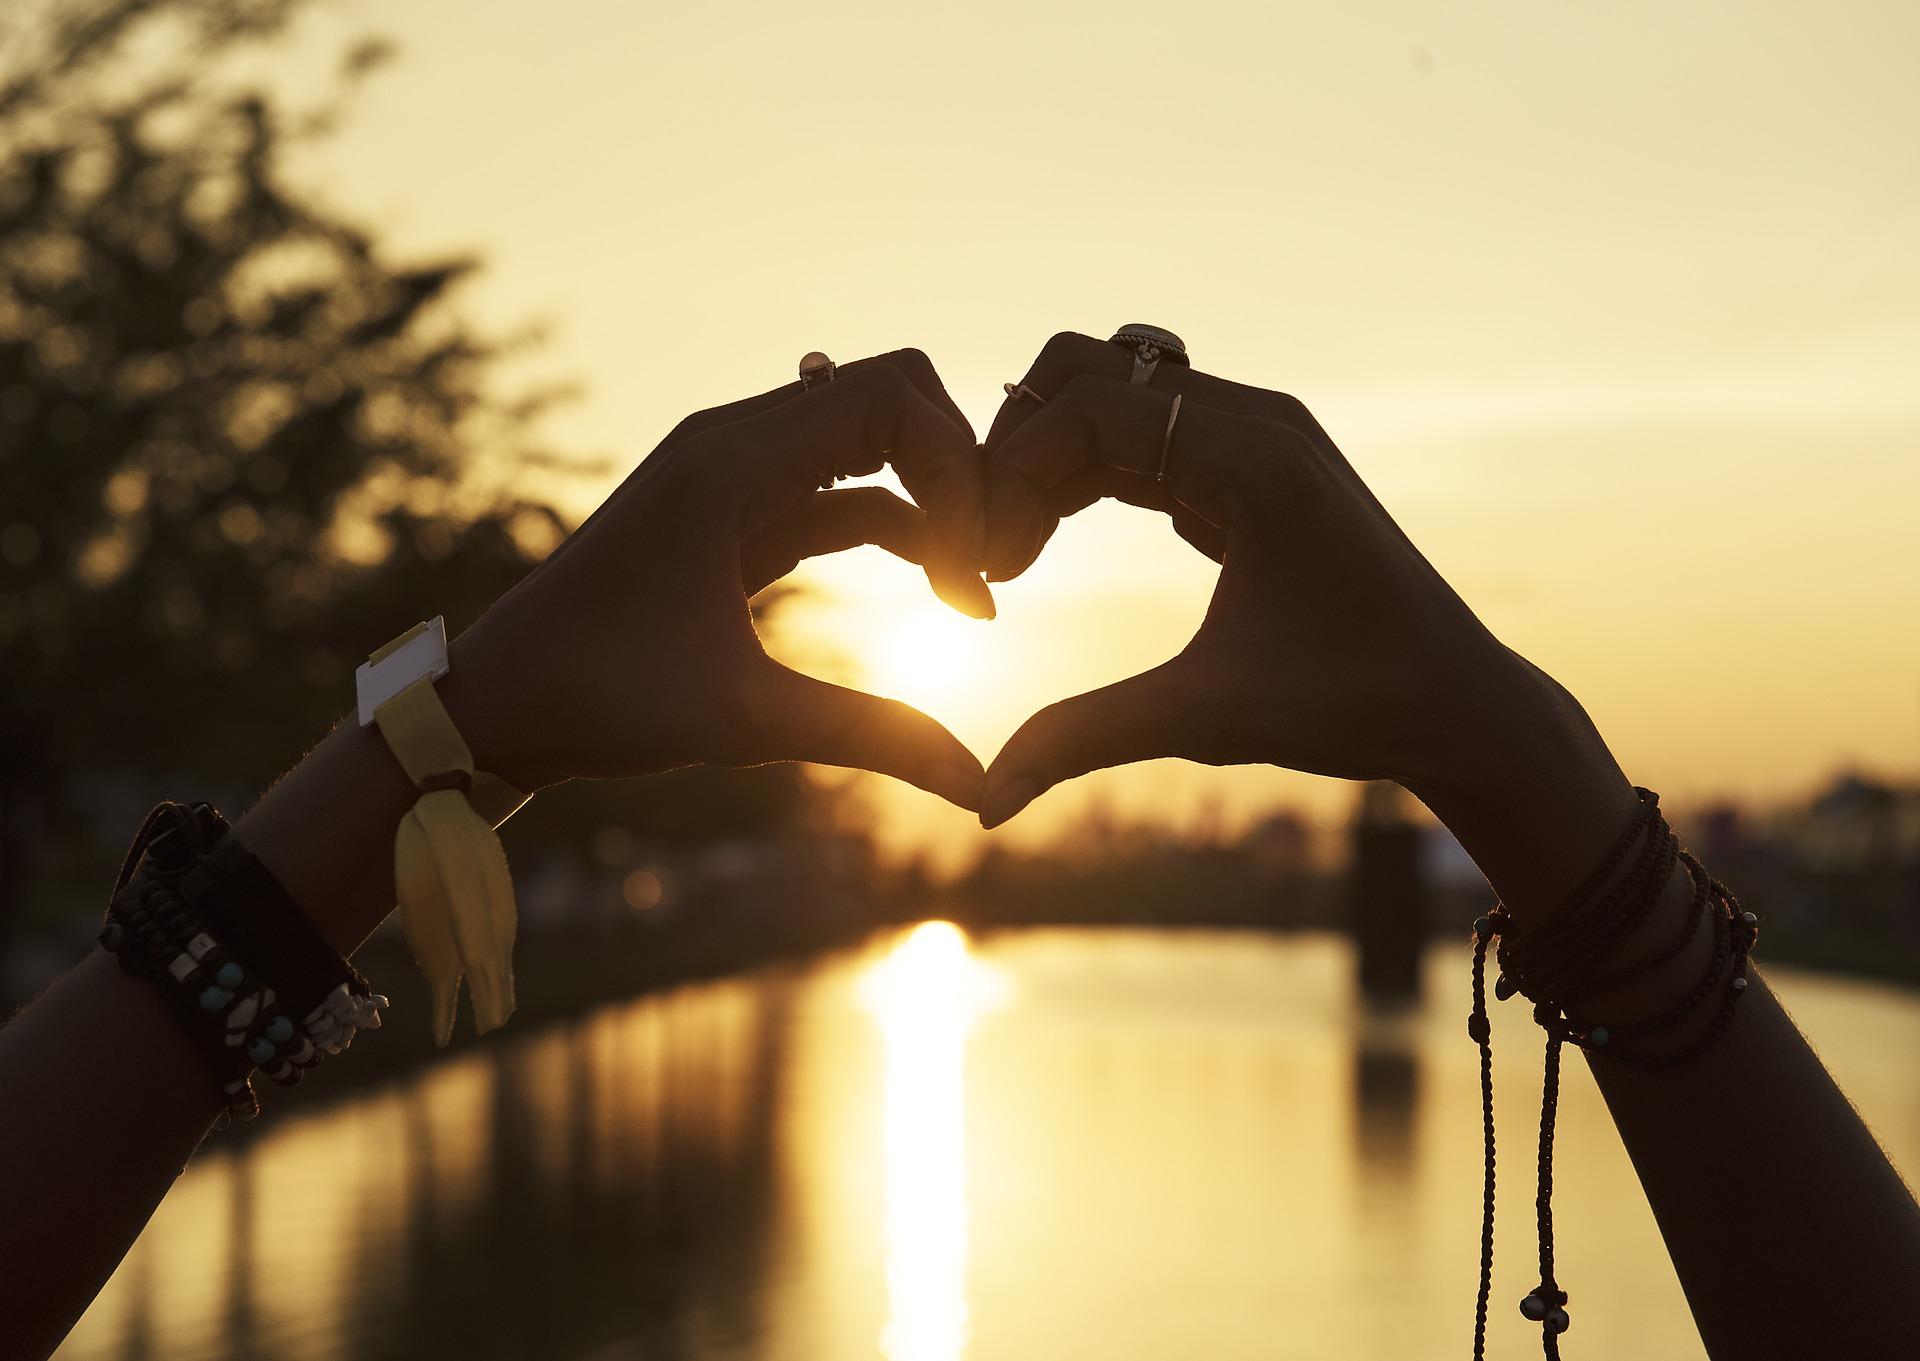 Werde glücklich: vergiss das Außen, wahres Glück kommt von